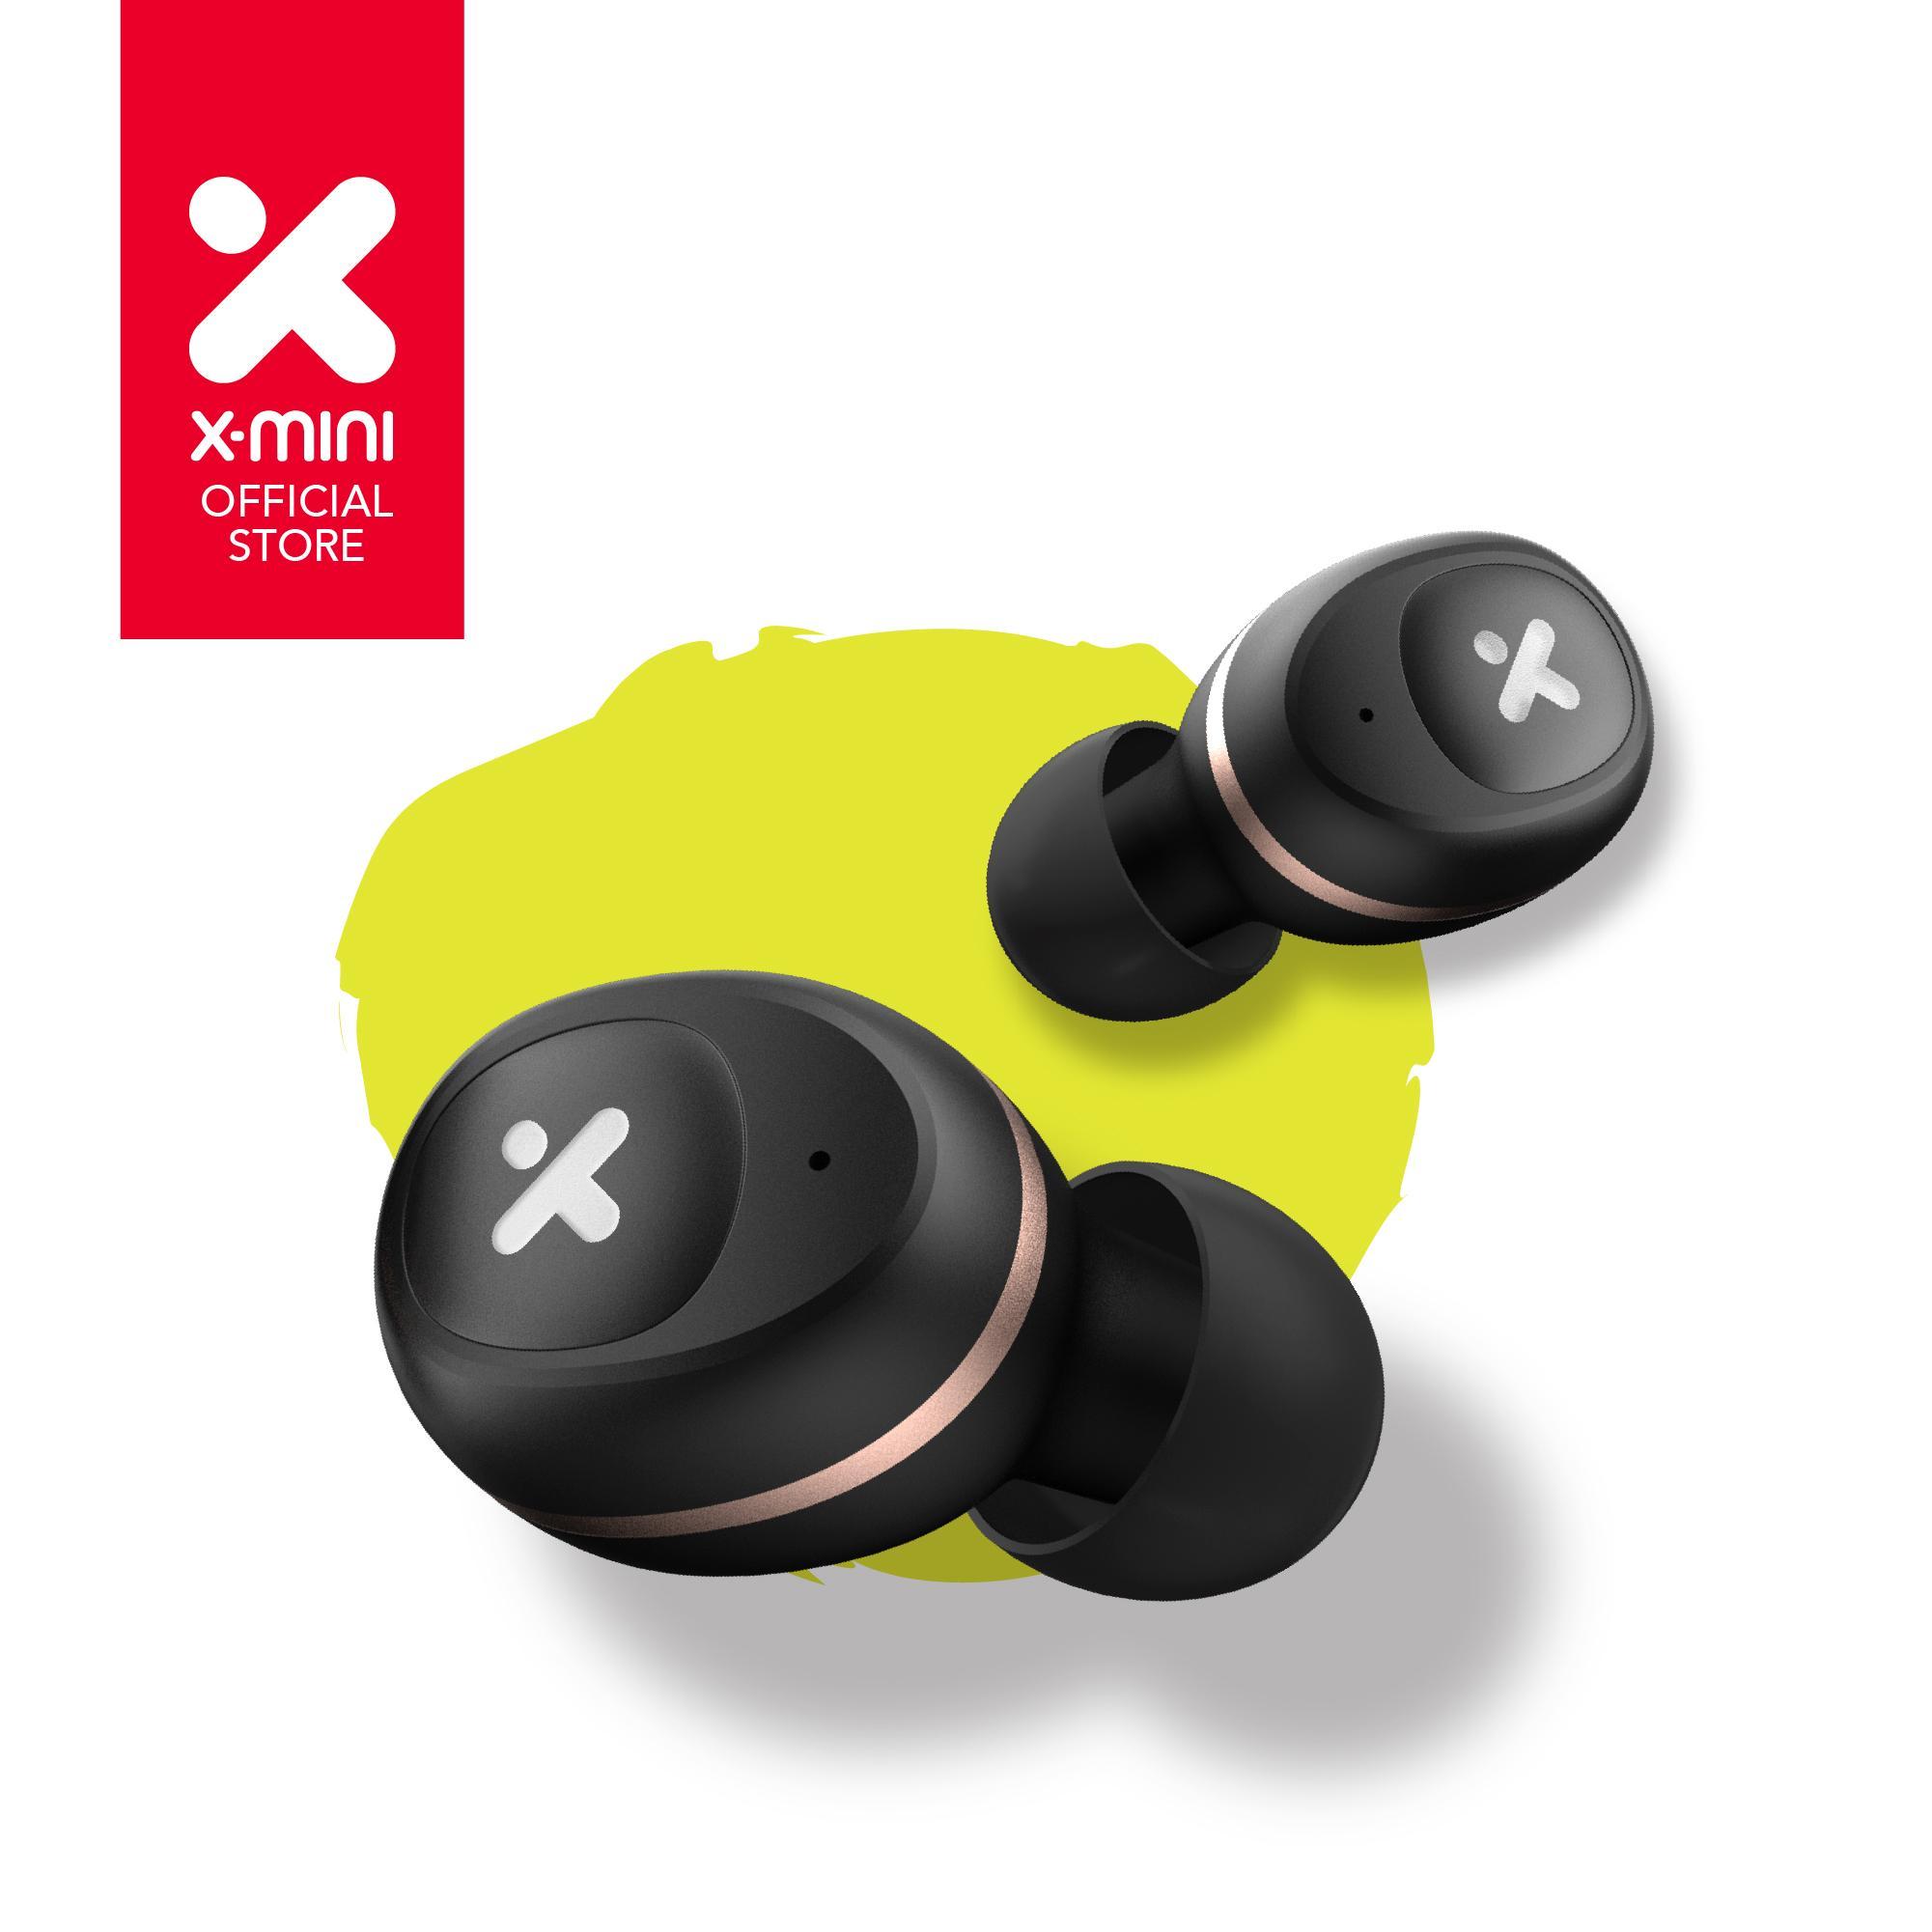 dbf59cdb720 (Online Exclusive) X-mini™ LIBERTY XOUNDPODS™ True Wireless Earphones